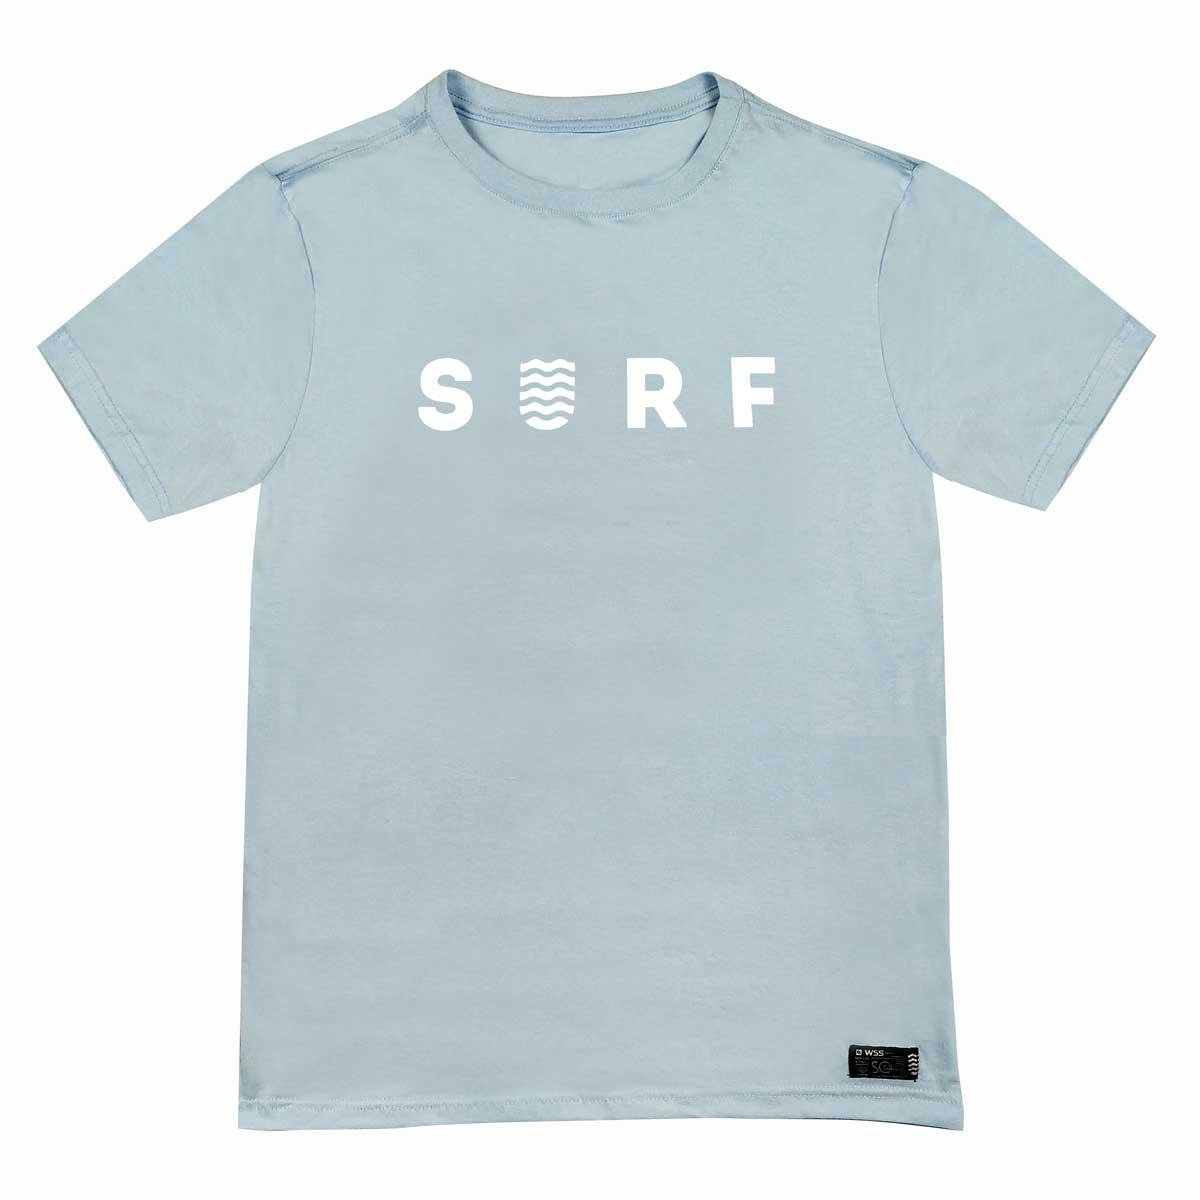 Camiseta Plus Size WSS Brasil Surf Aqua